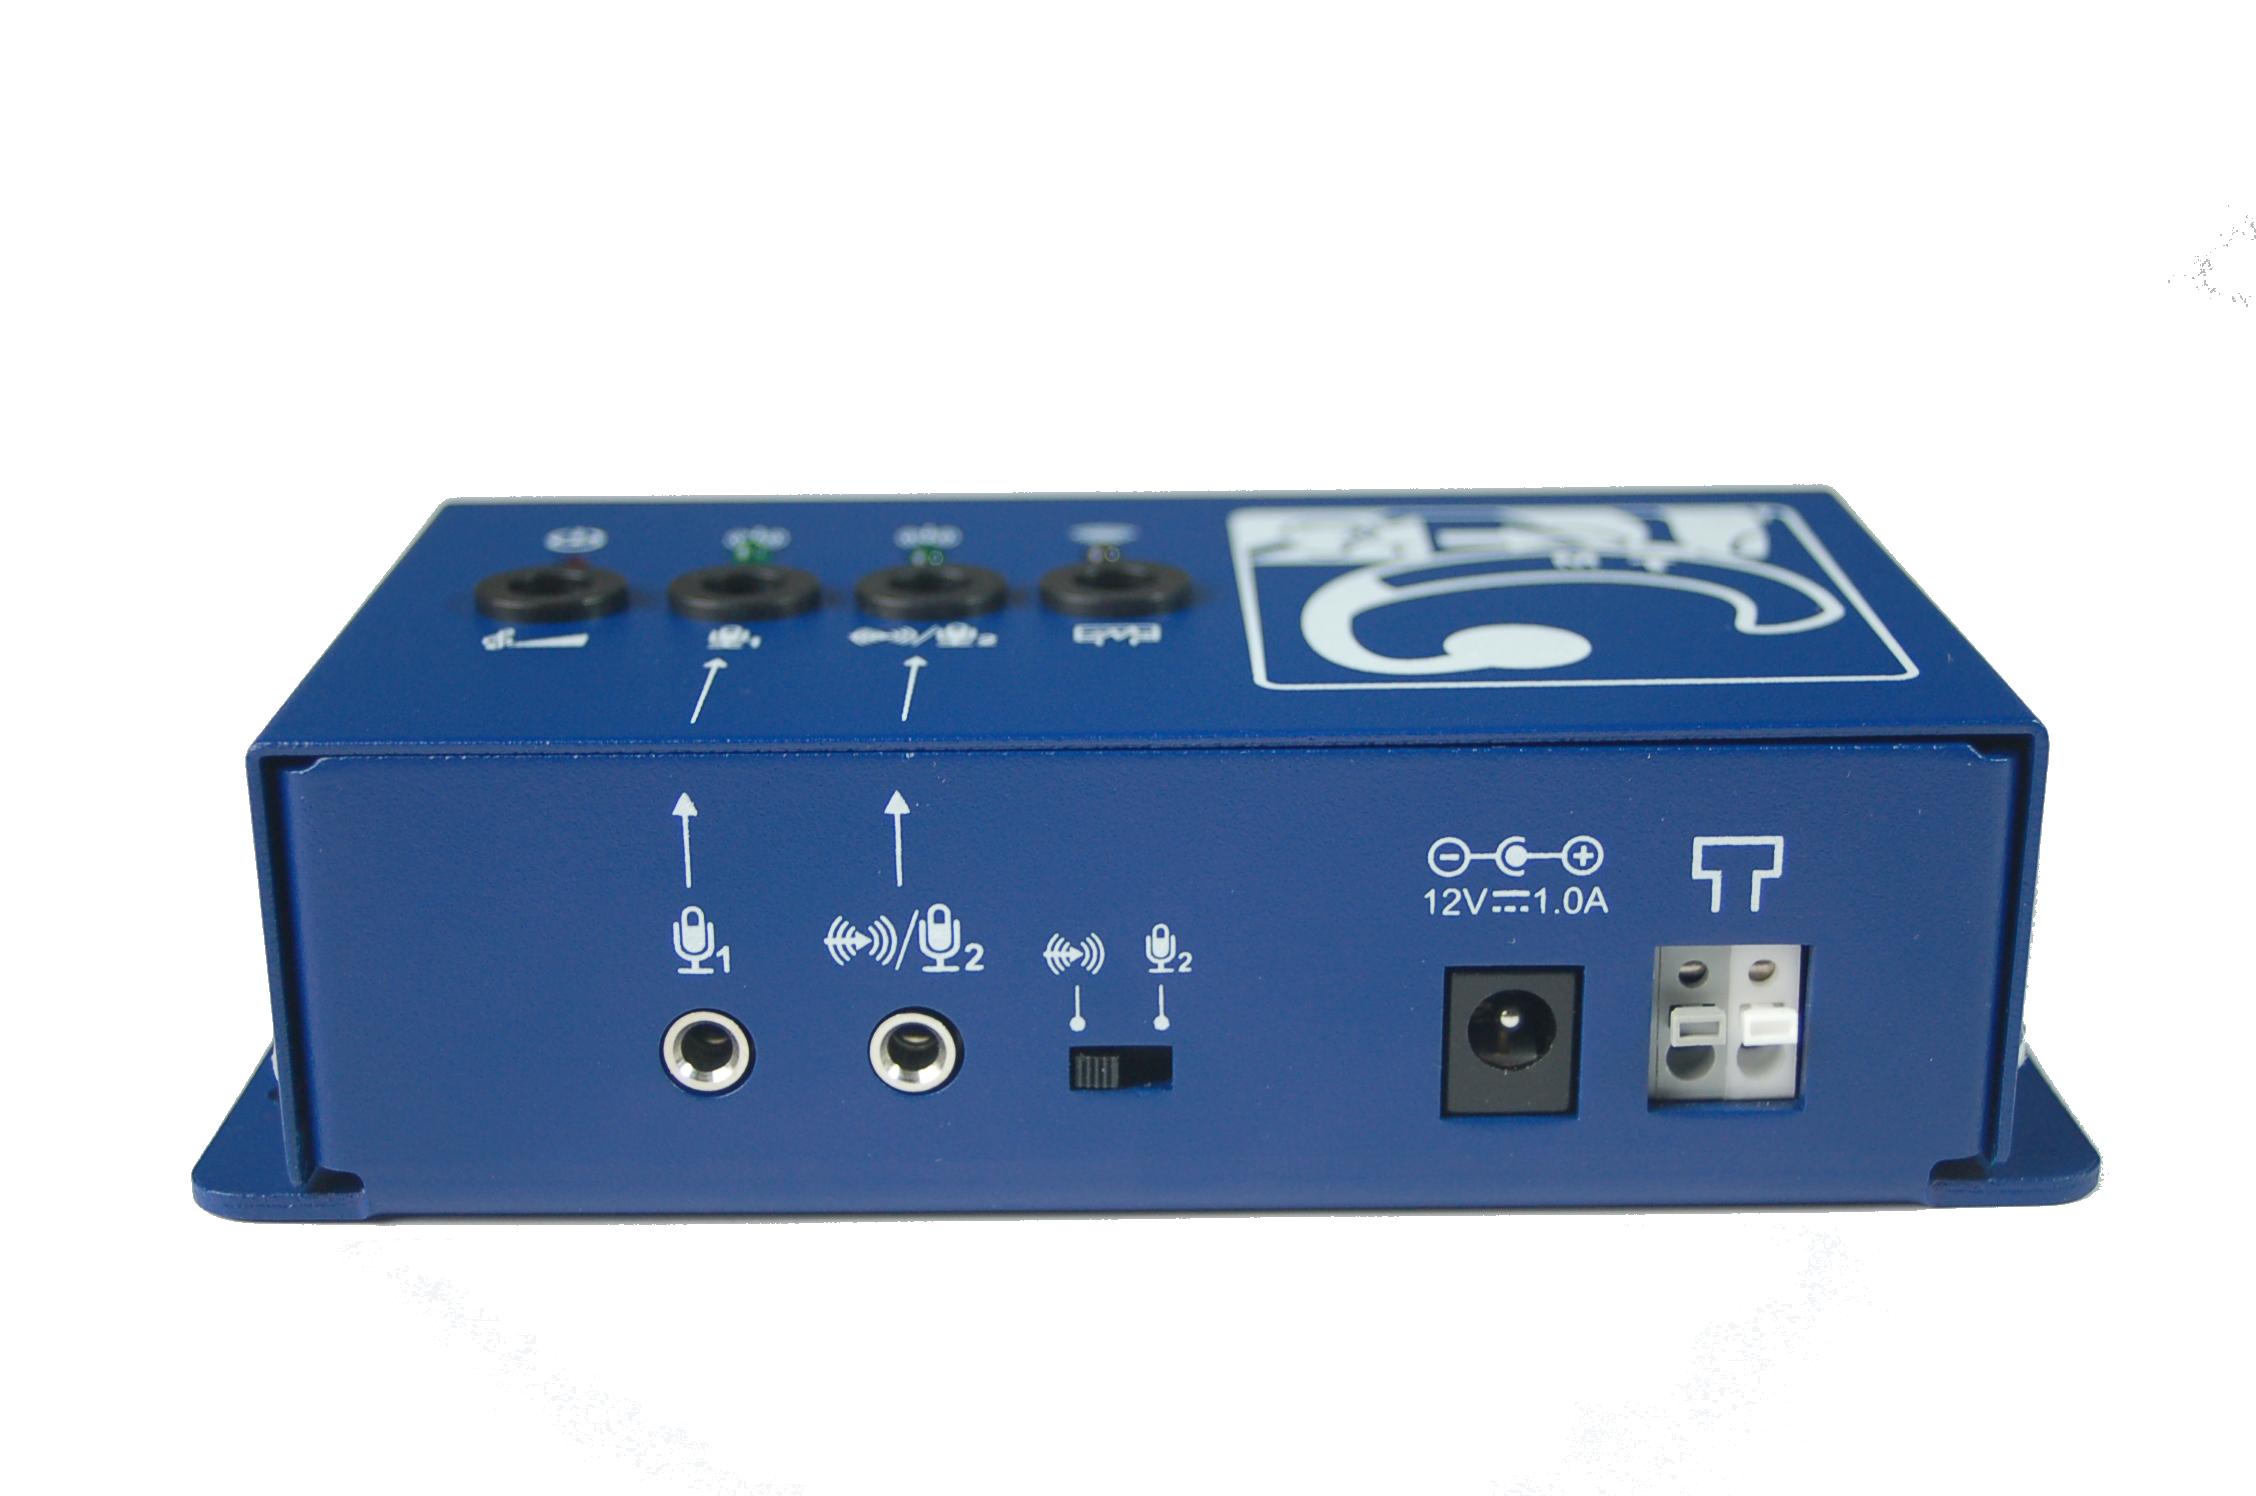 Geemarc LoopHEAR LH-160